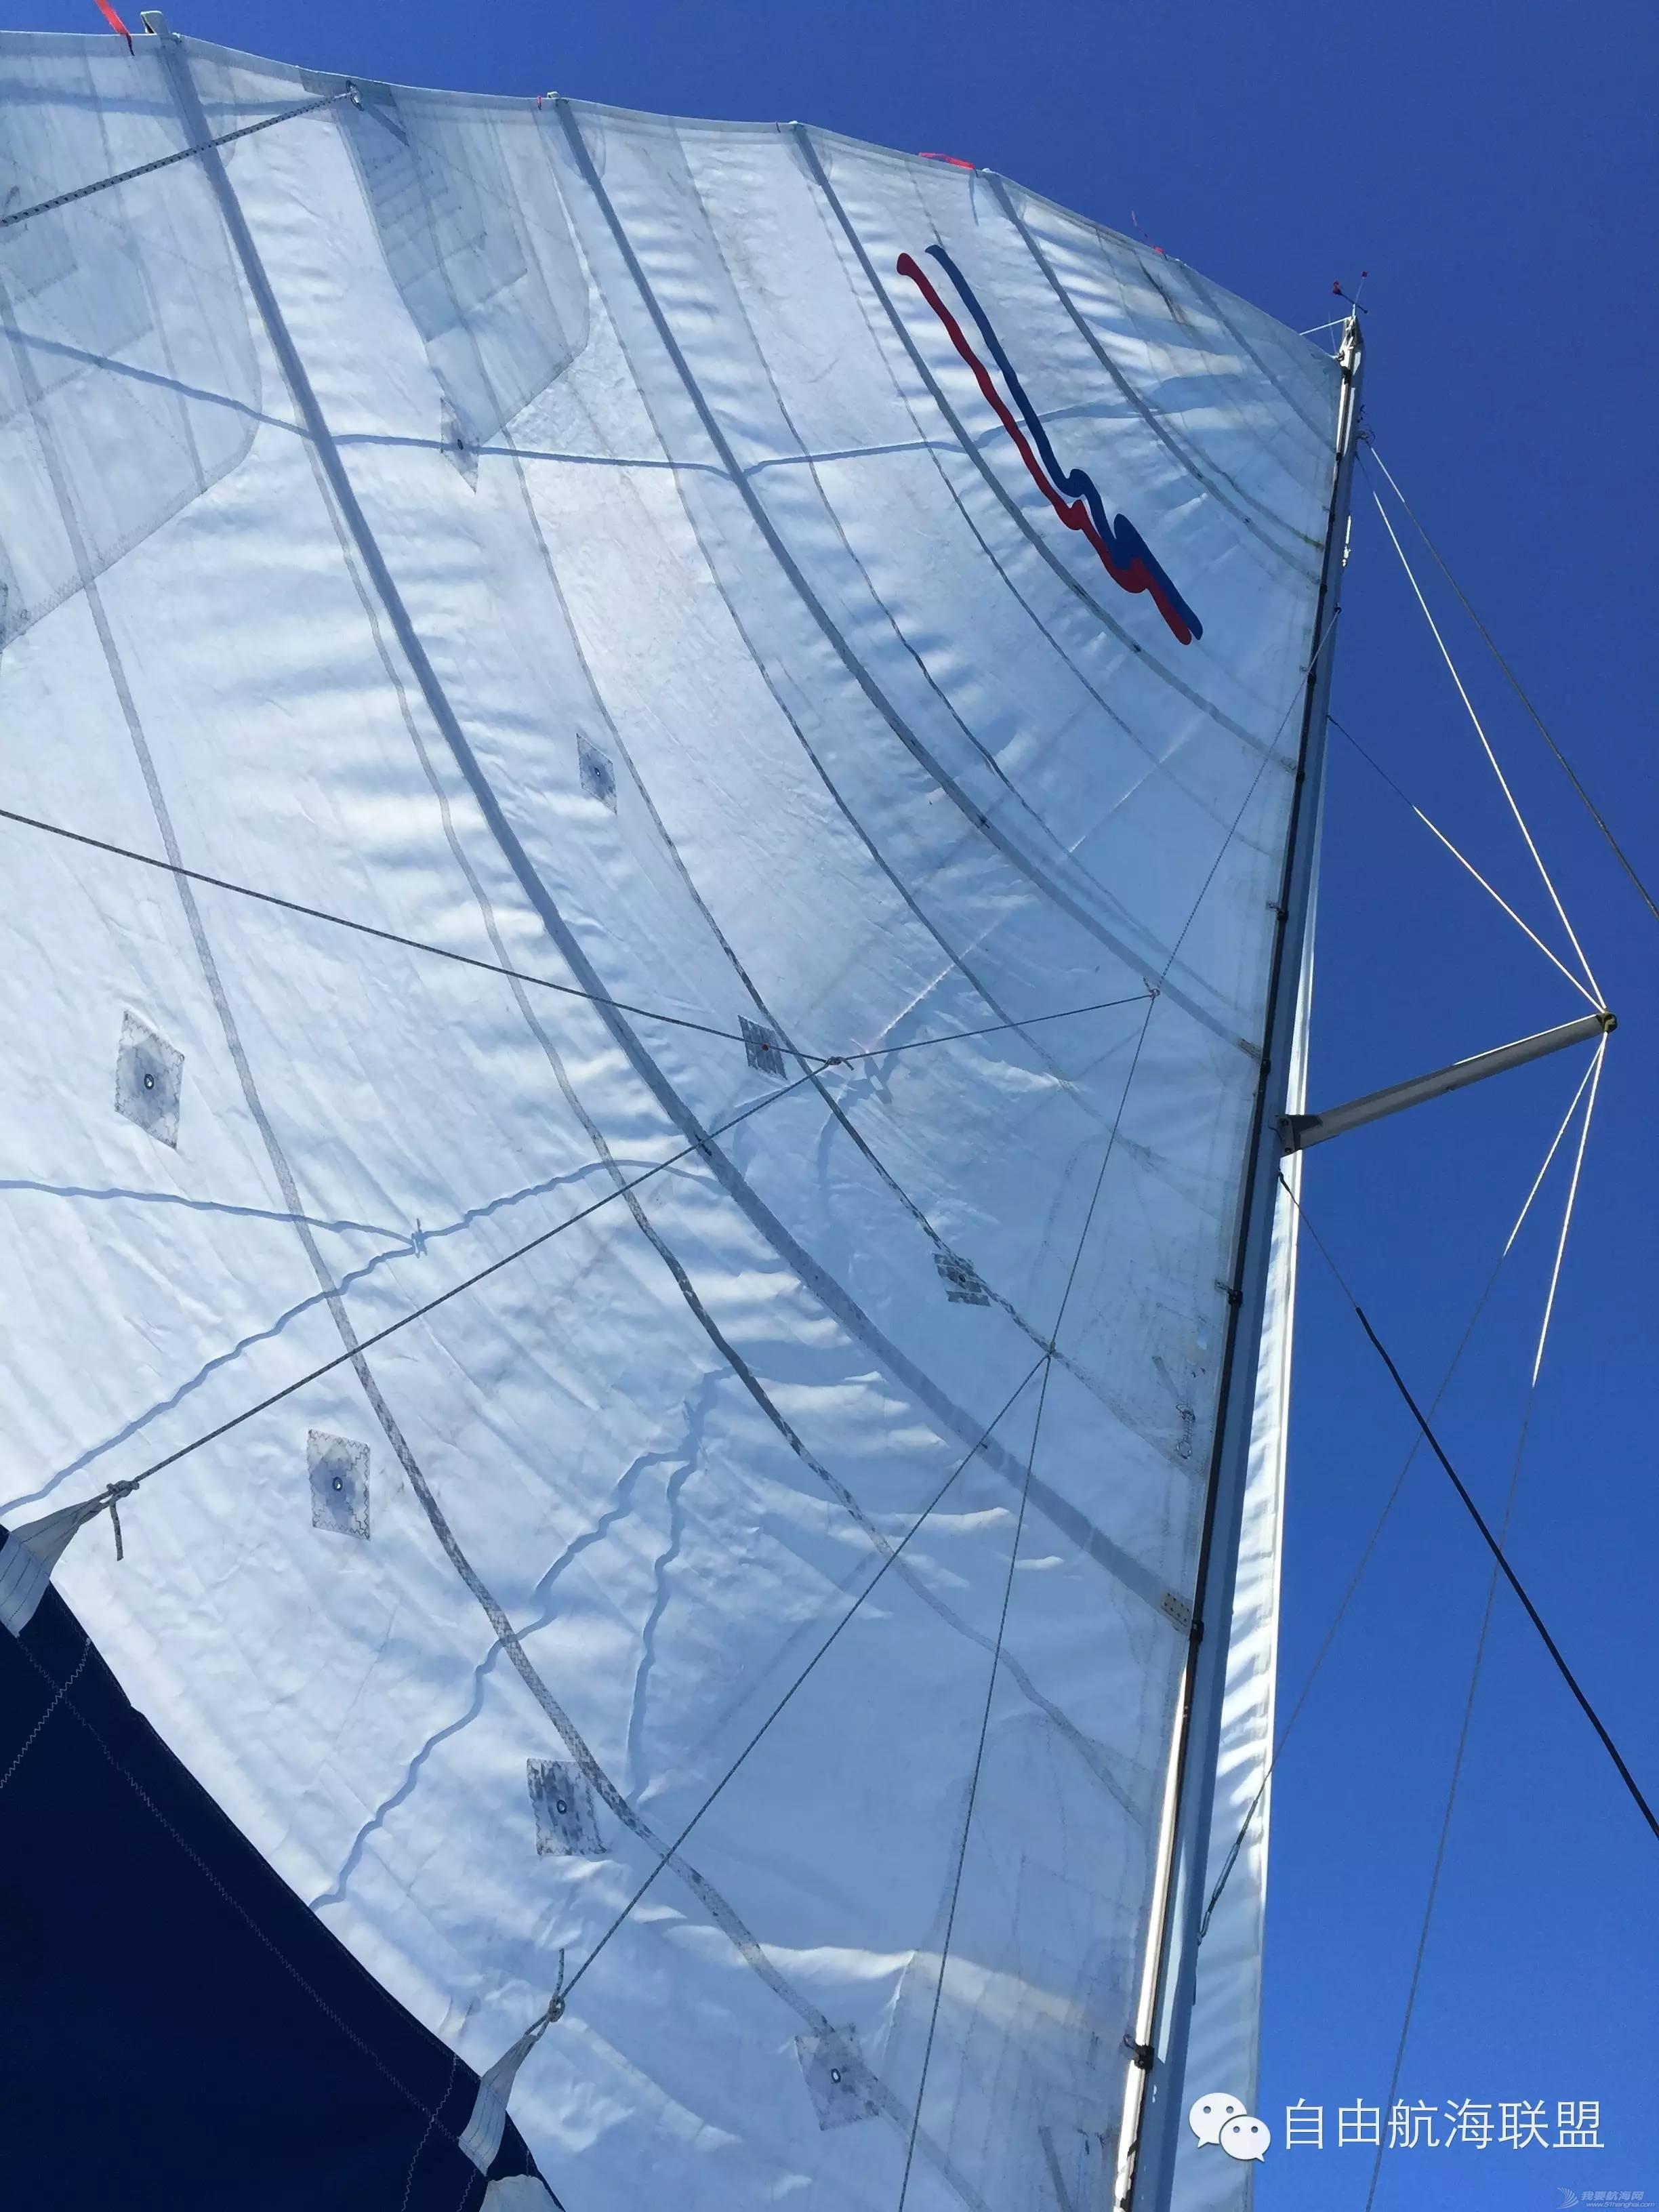 2015年11月——塞舌尔+迪拜,帆船自驾之旅招募书 5444ec9a3139048f65f837122a21ec6b.jpg